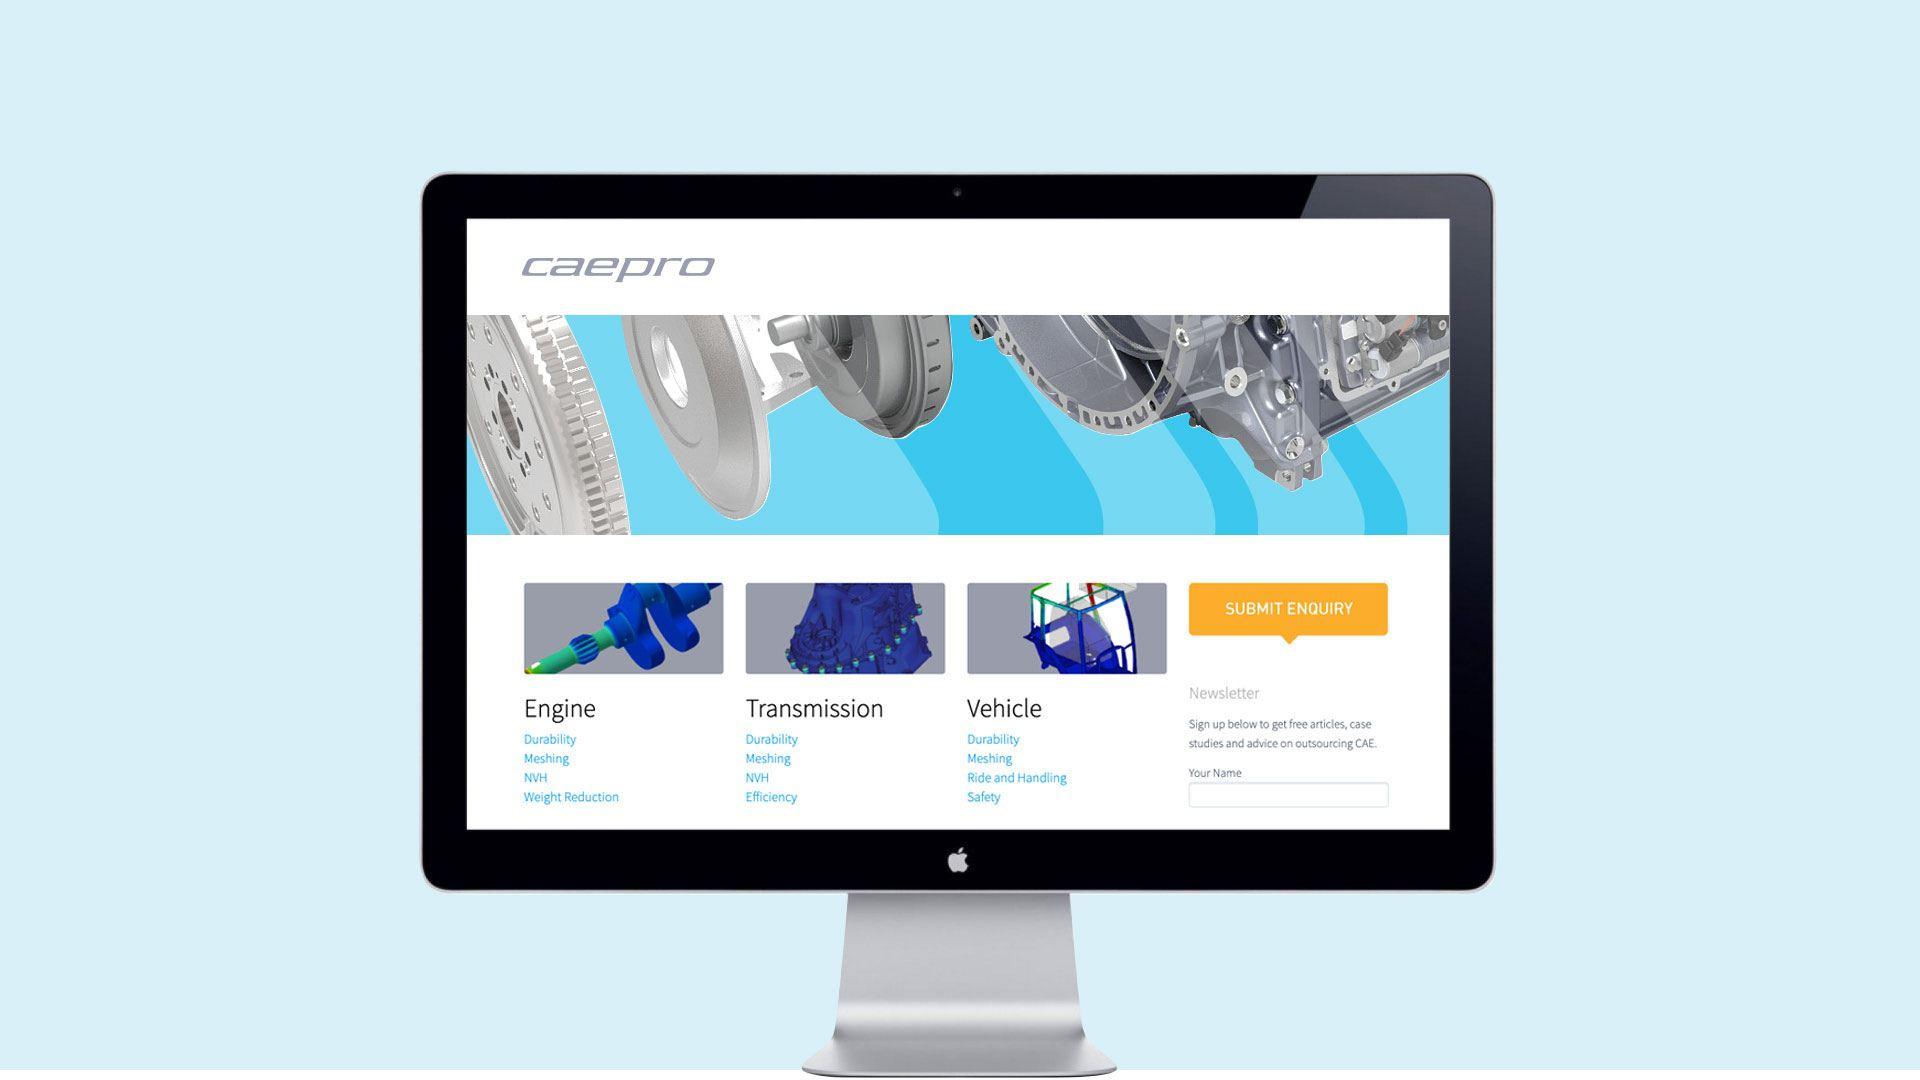 Caepro website design